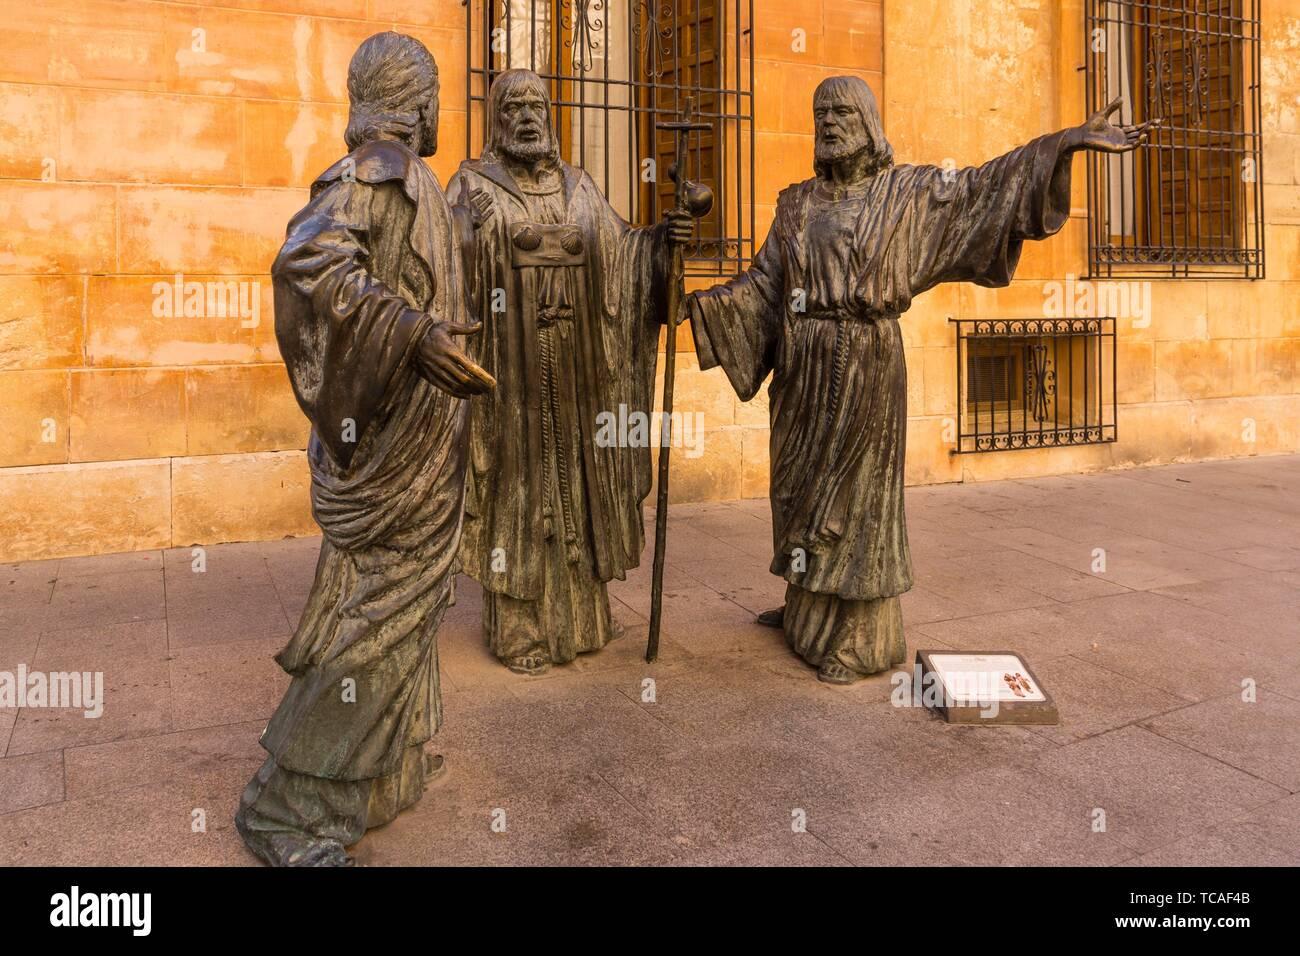 Ternari,- Misteri d´Elx, siglo XV, patrimonio oral e inmaterial de la humanidad-, , Basilica de Santa Maria, obra de bronce realizada por el escultor - Stock Image